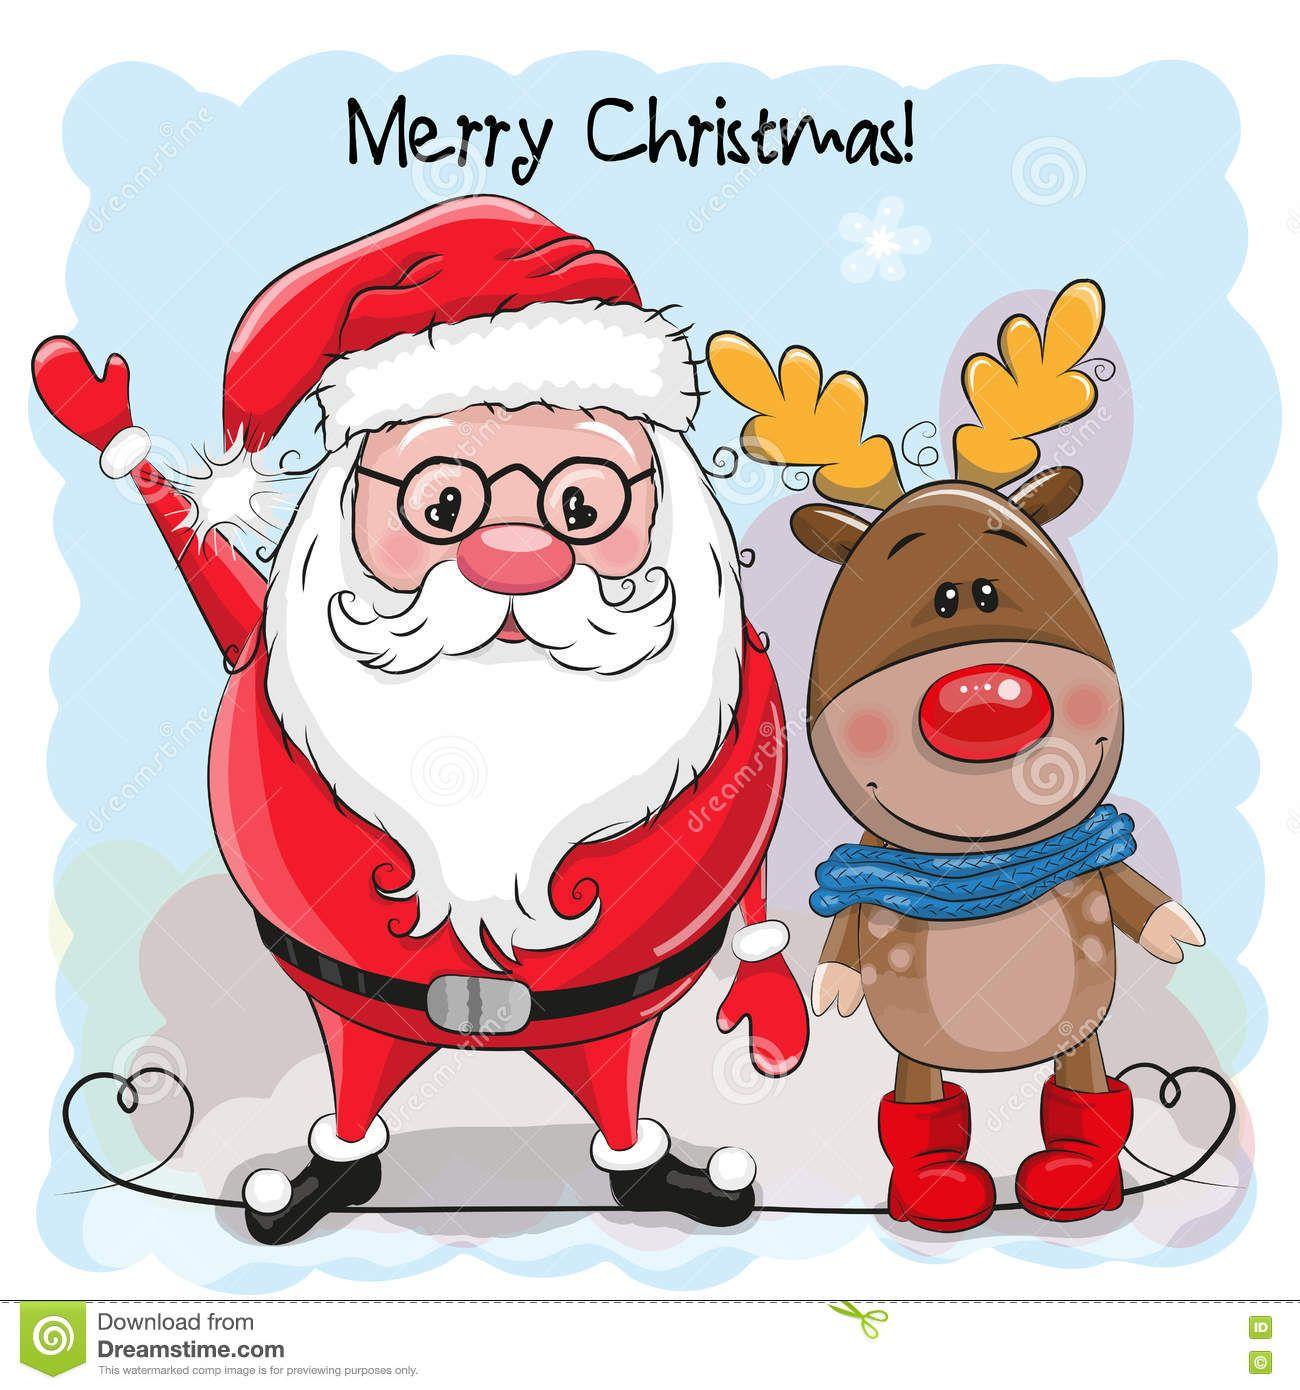 Ilustracion Acerca Ciervos Lindos Y Papa Noel De La Historieta De La Tarjeta De Navidad Del Saludo Dibujo De Navidad Afiches De Navidad Decoracion Navidad Unas